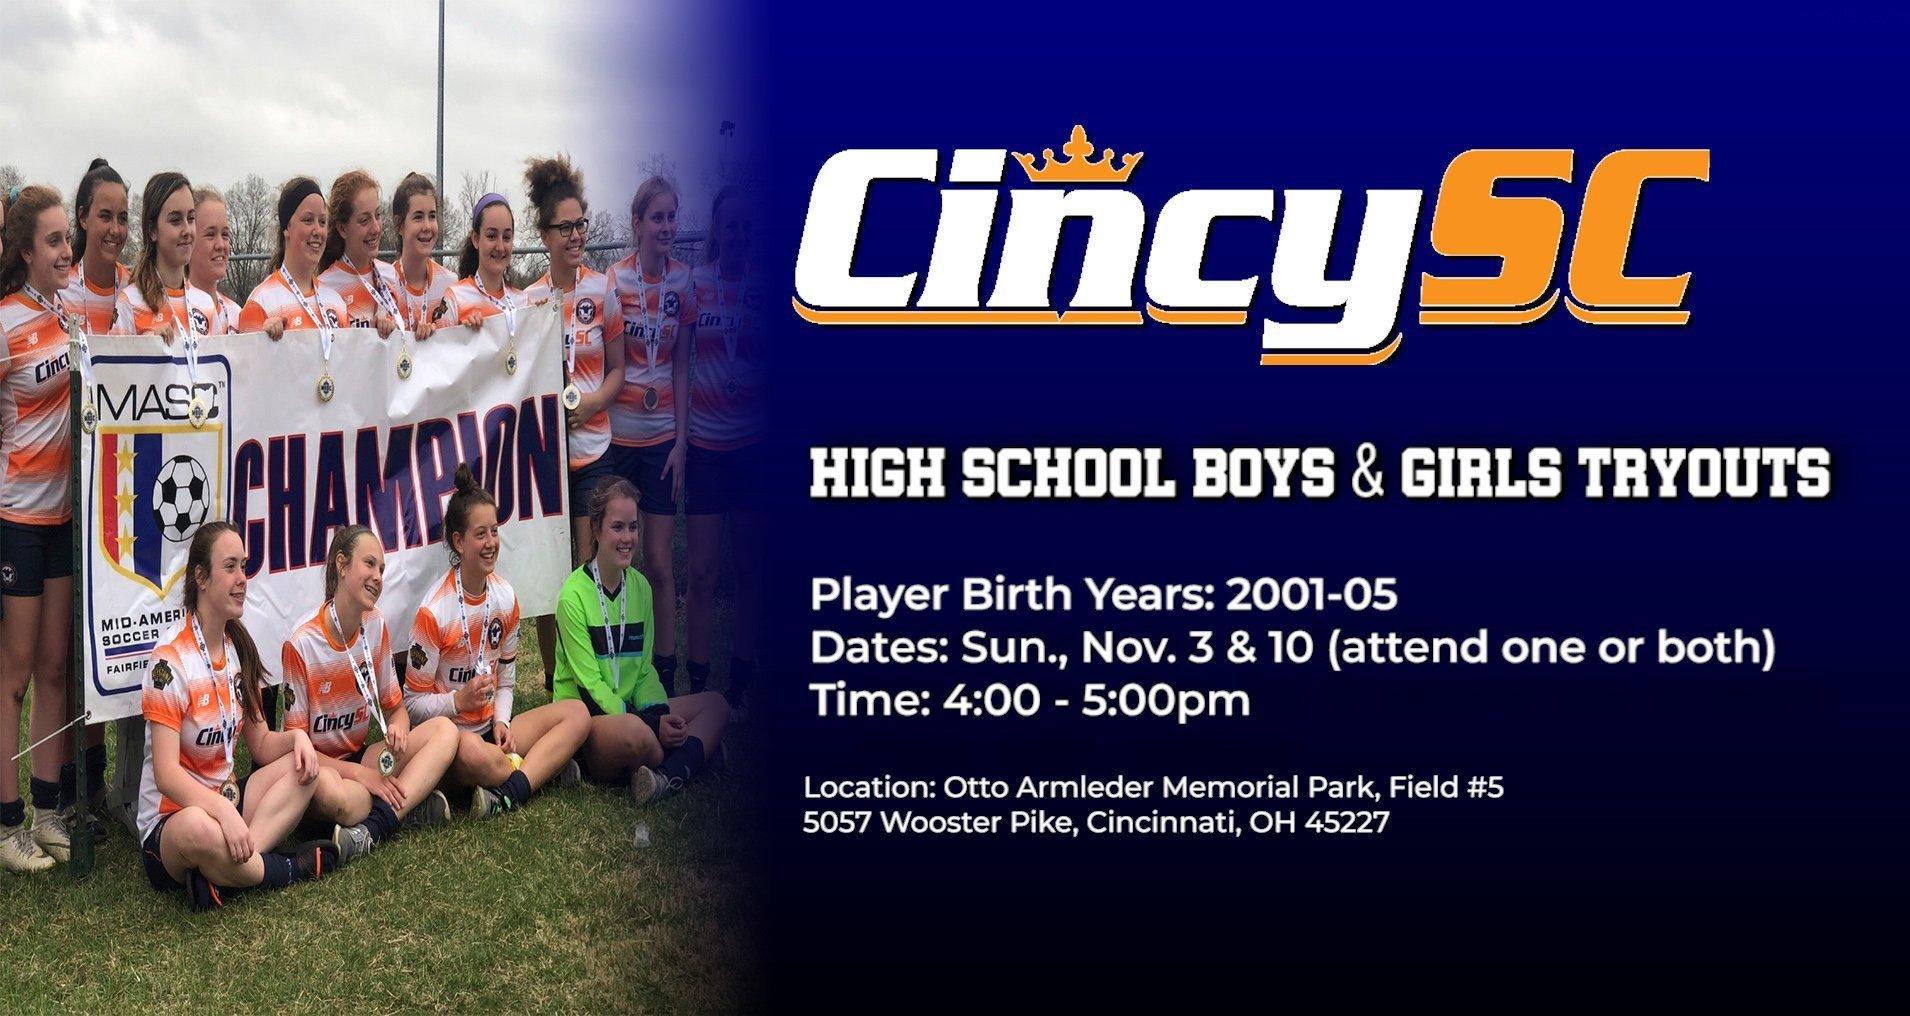 Cincy SC HS Girls Tryouts 2019